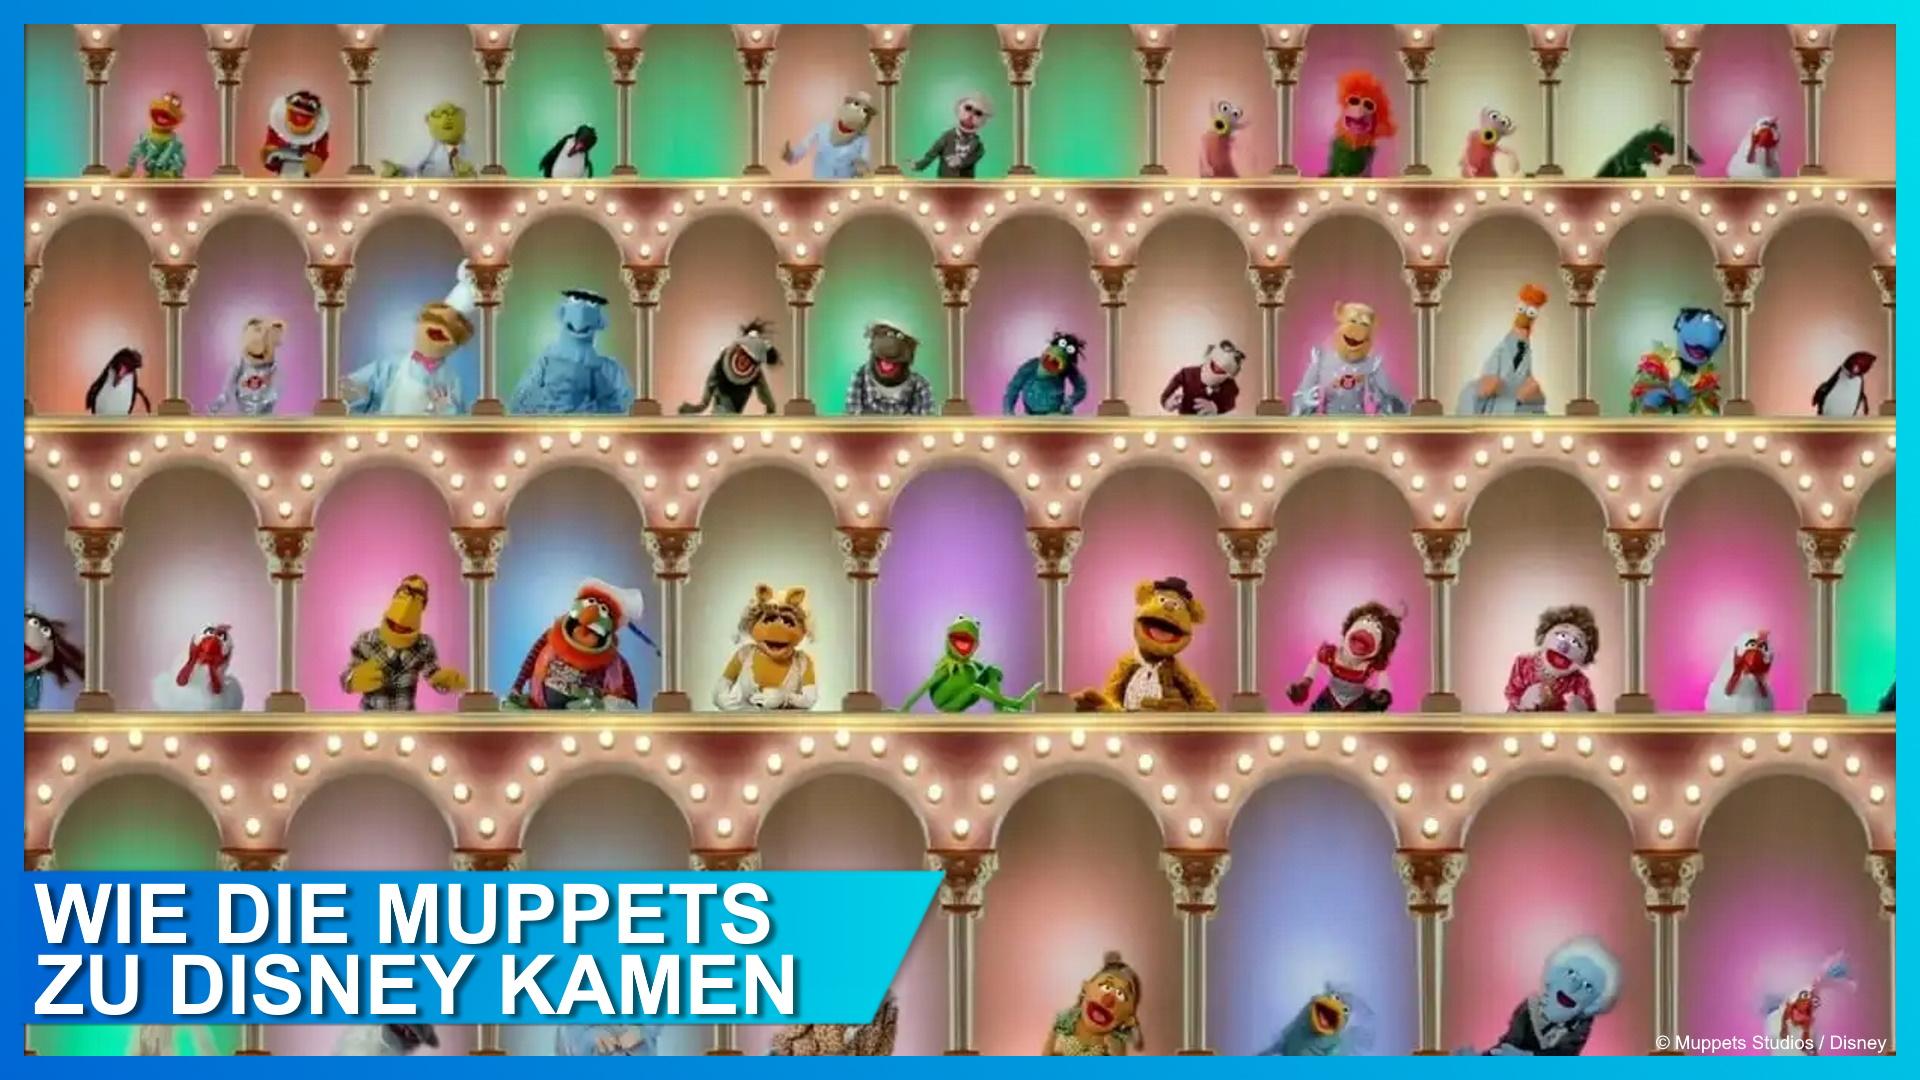 Wie die Muppets zu Disney kamen